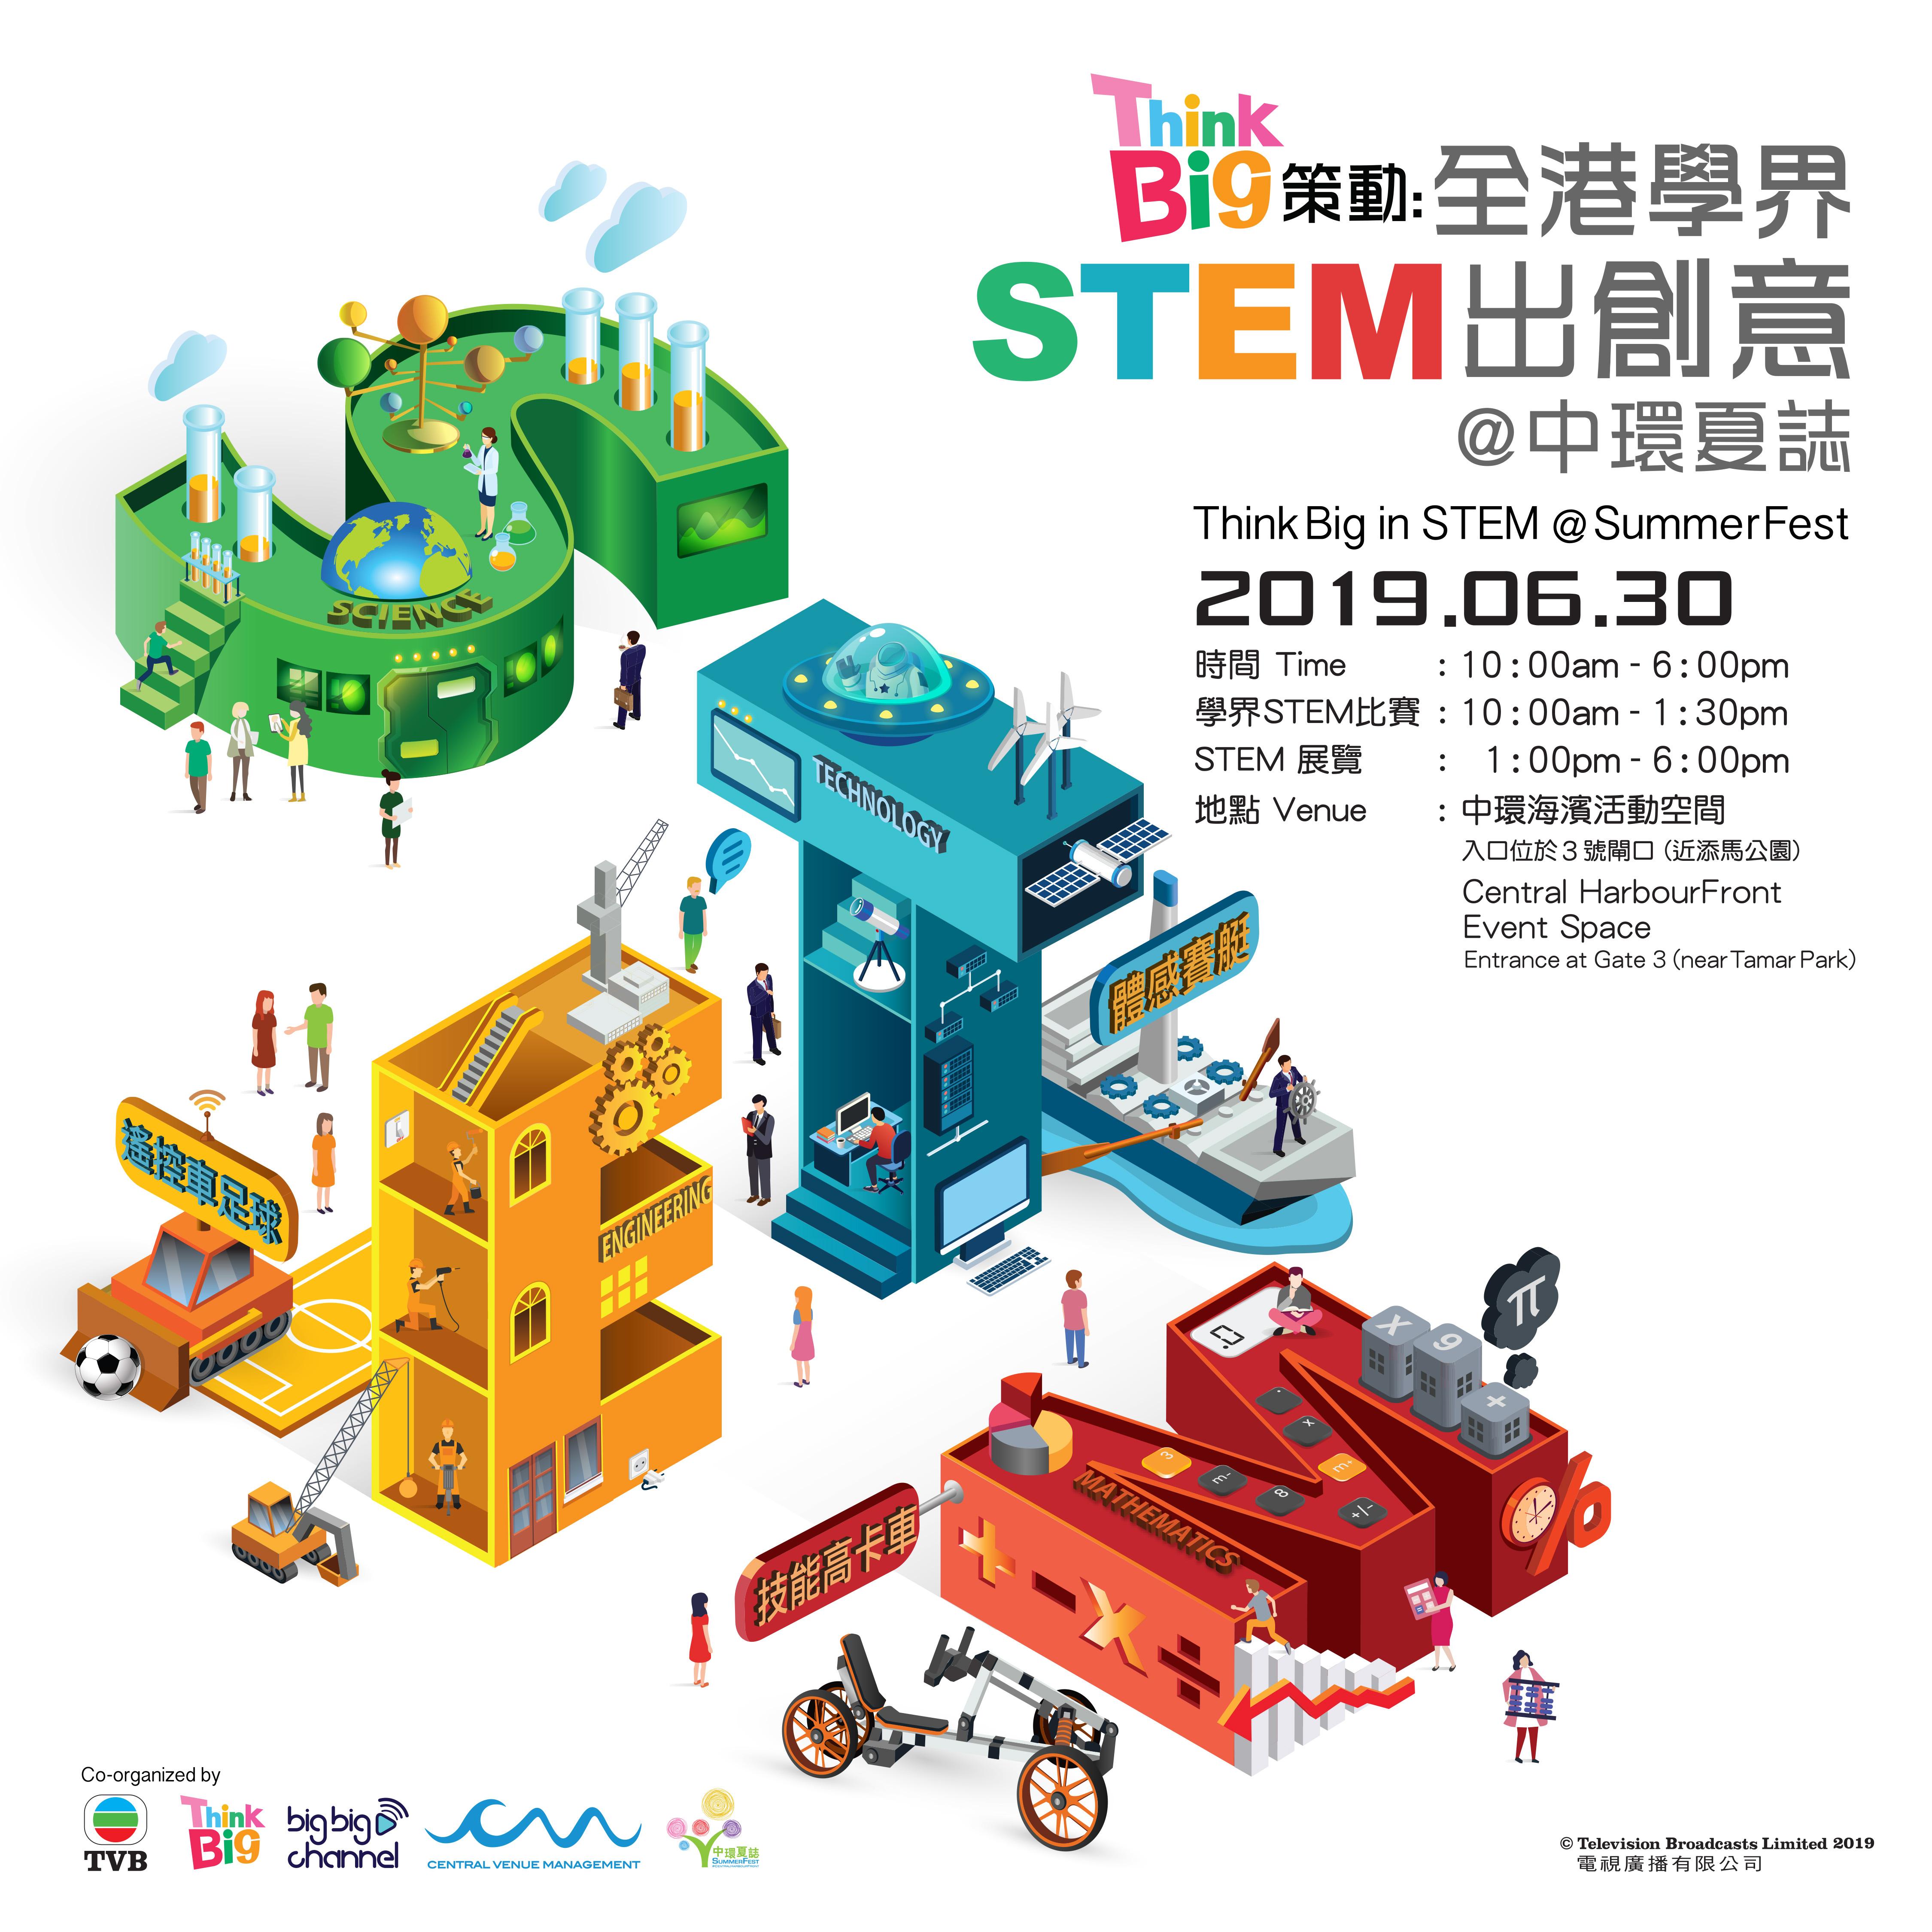 STEM 2019 Think Big Promo - for IG 20-05